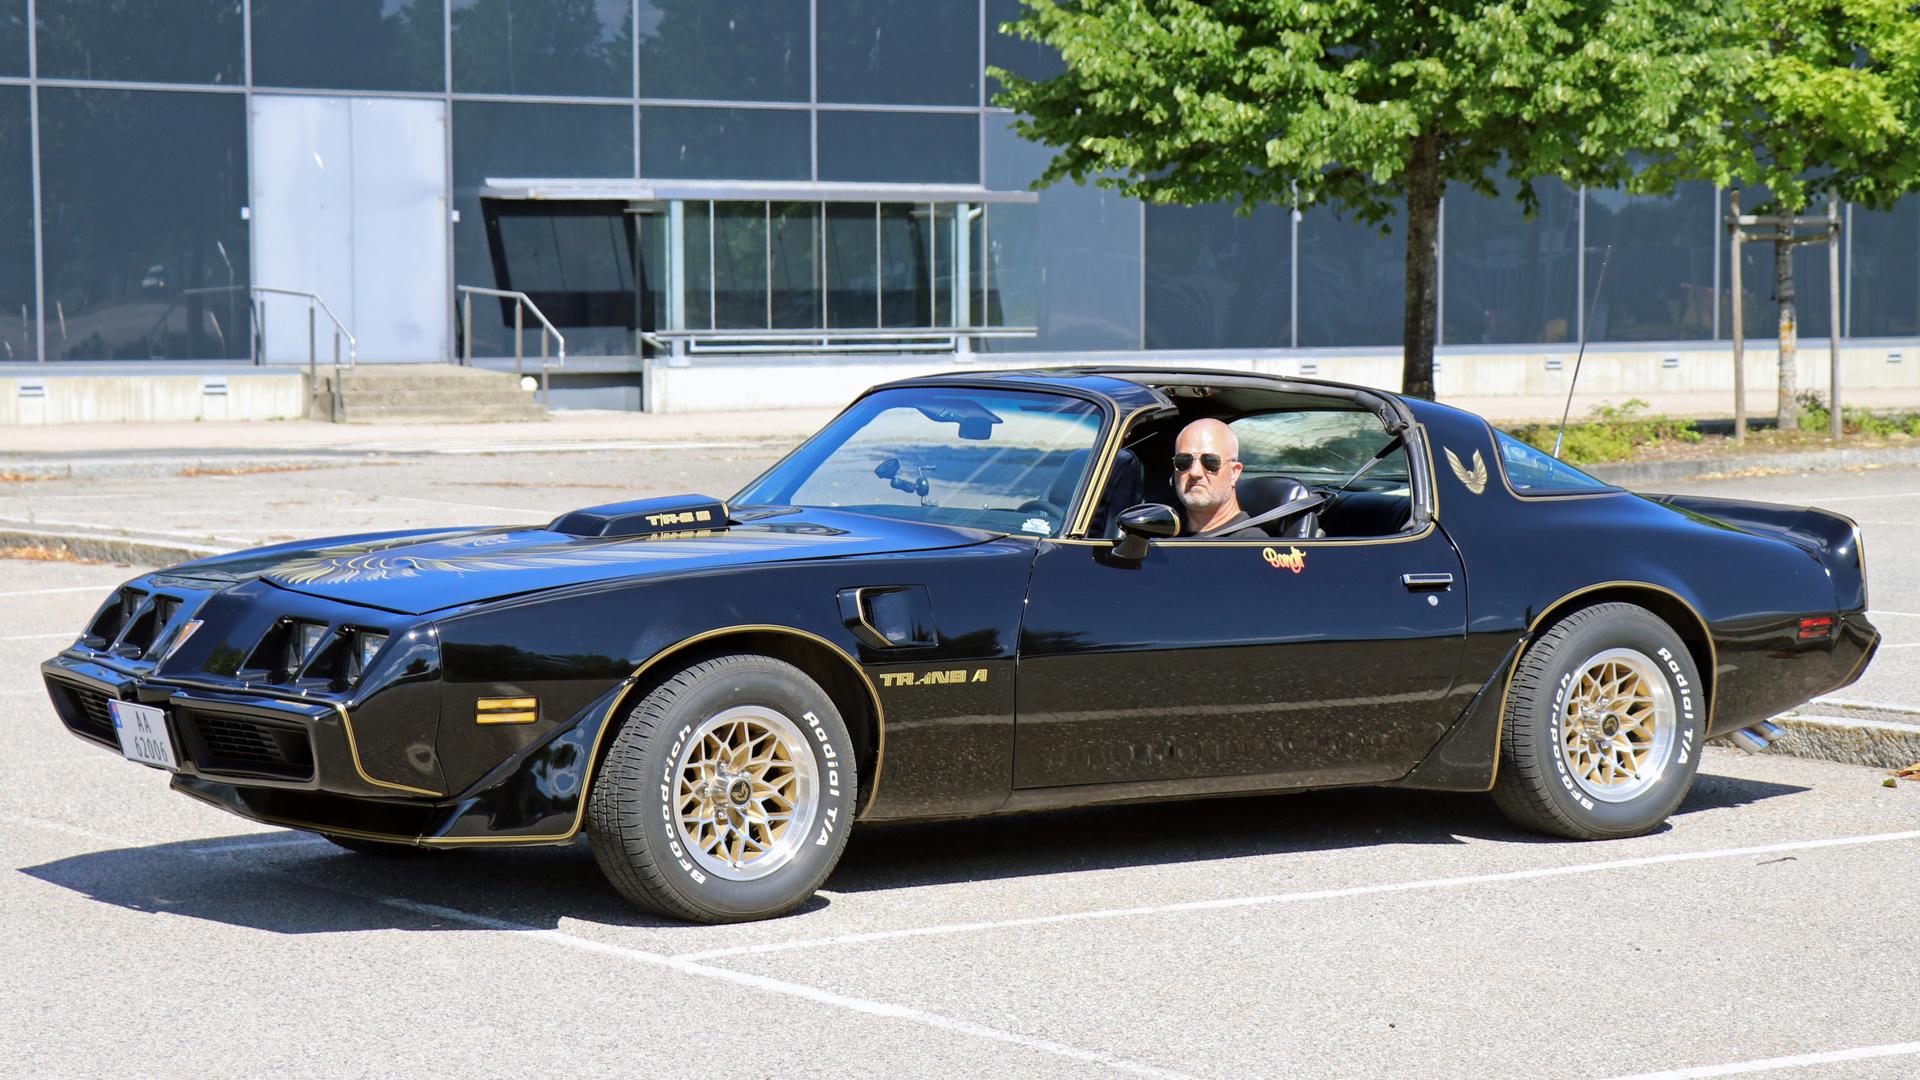 141-1979 Pontiac Trans Am. Eier- medlem 141 Frode